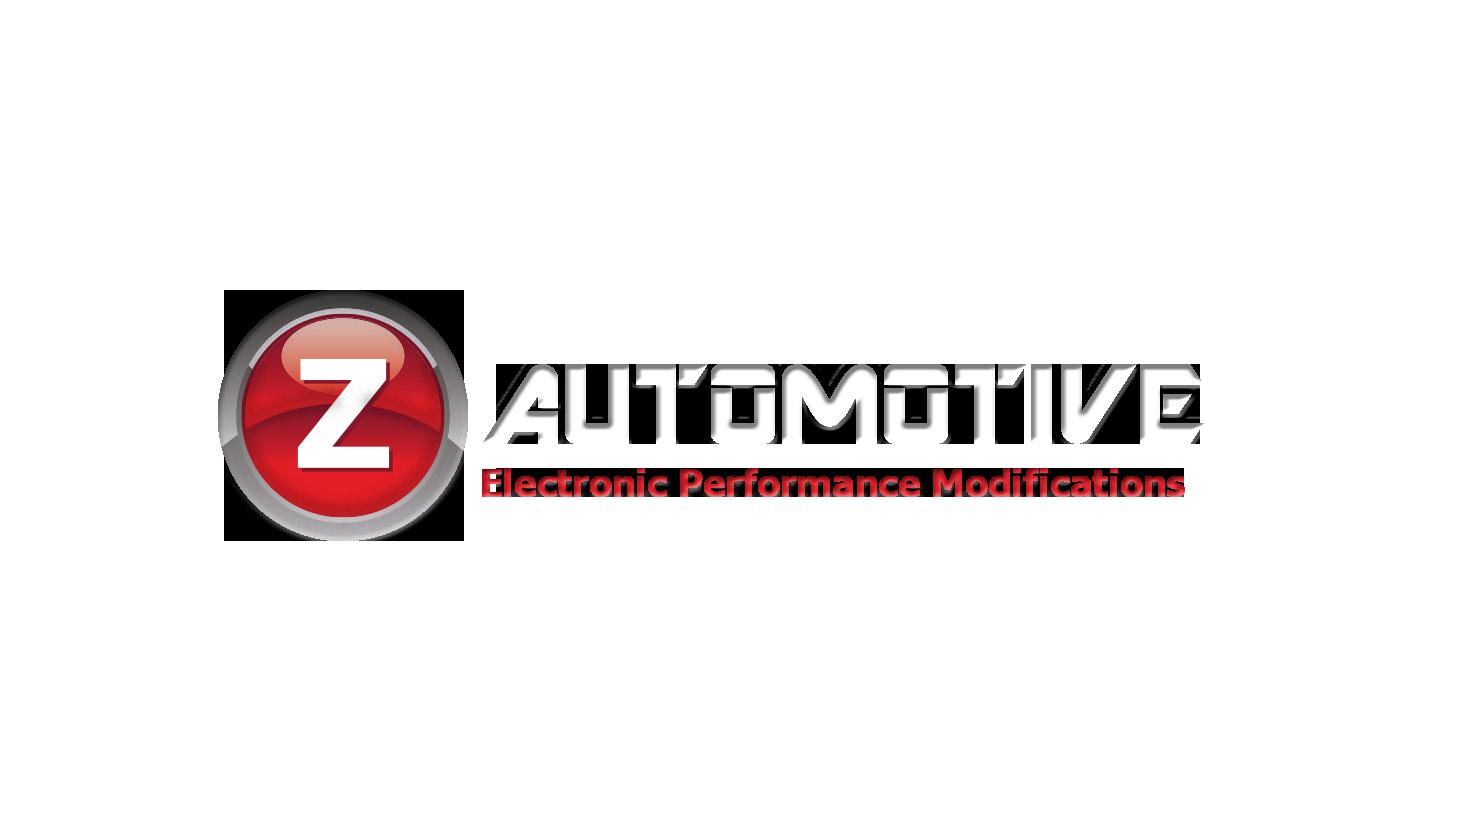 Z Automotive